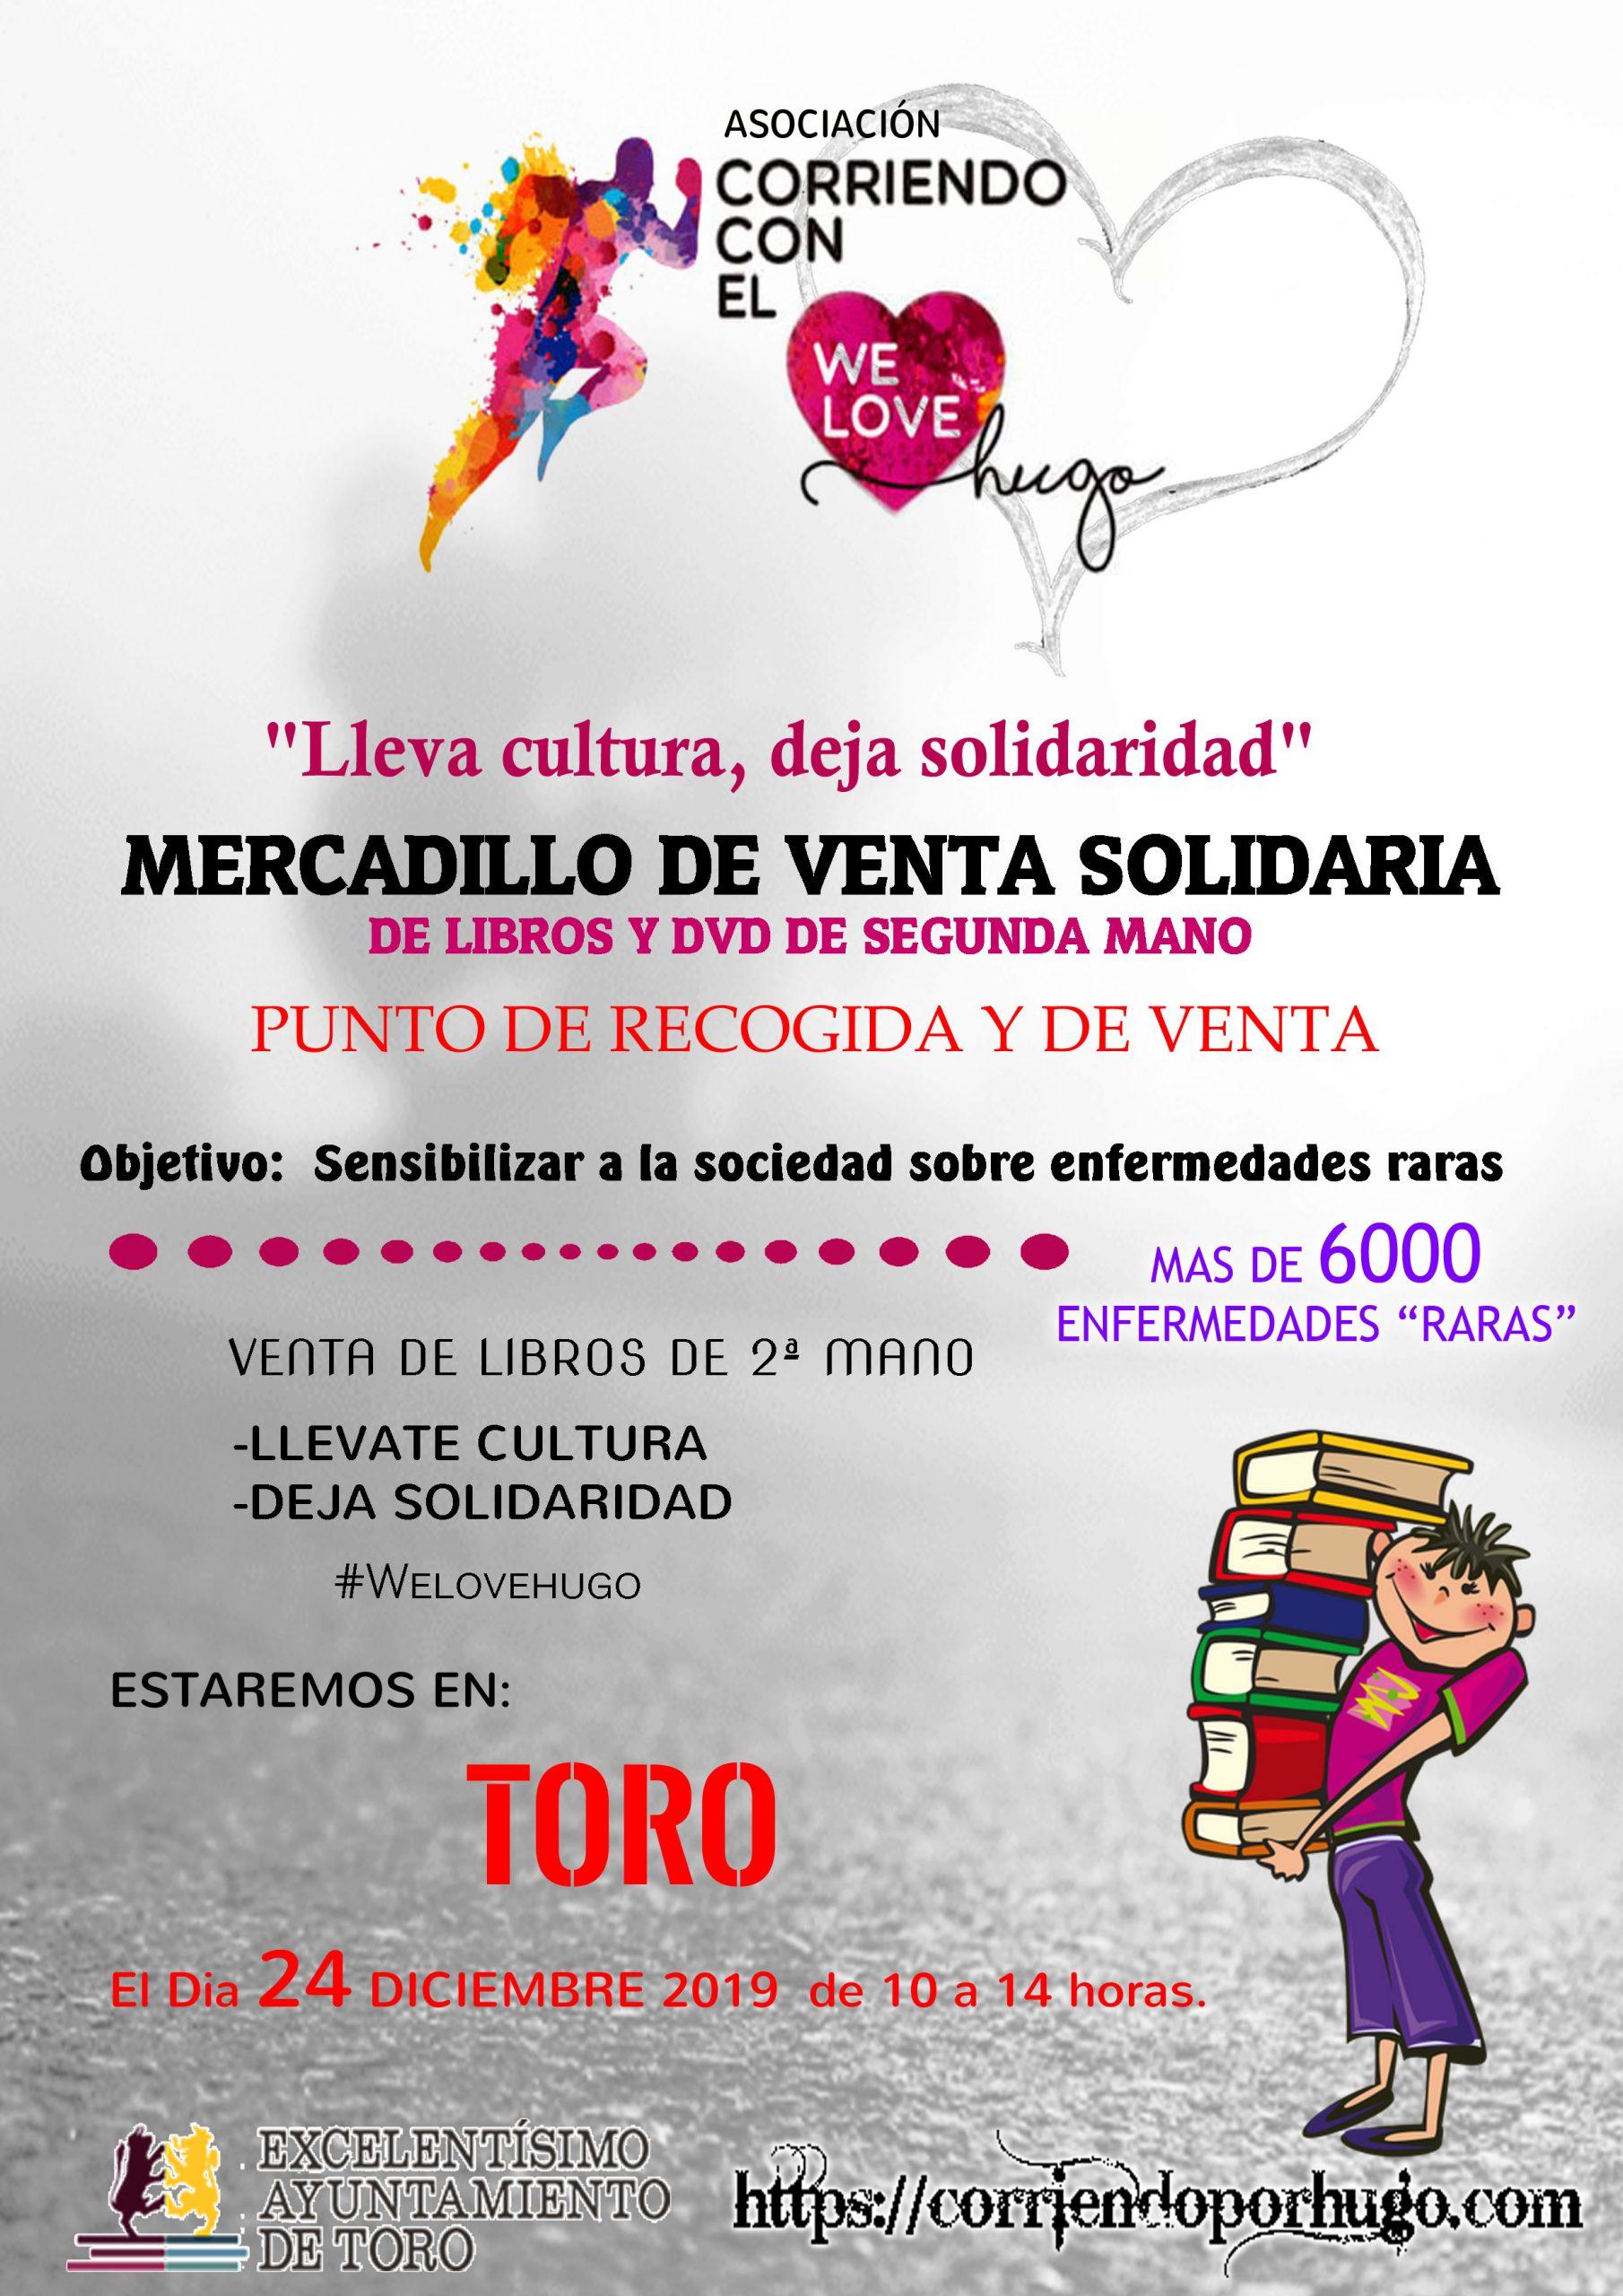 Mercadillo de libros Solidario en Toro Navidades Solidarias